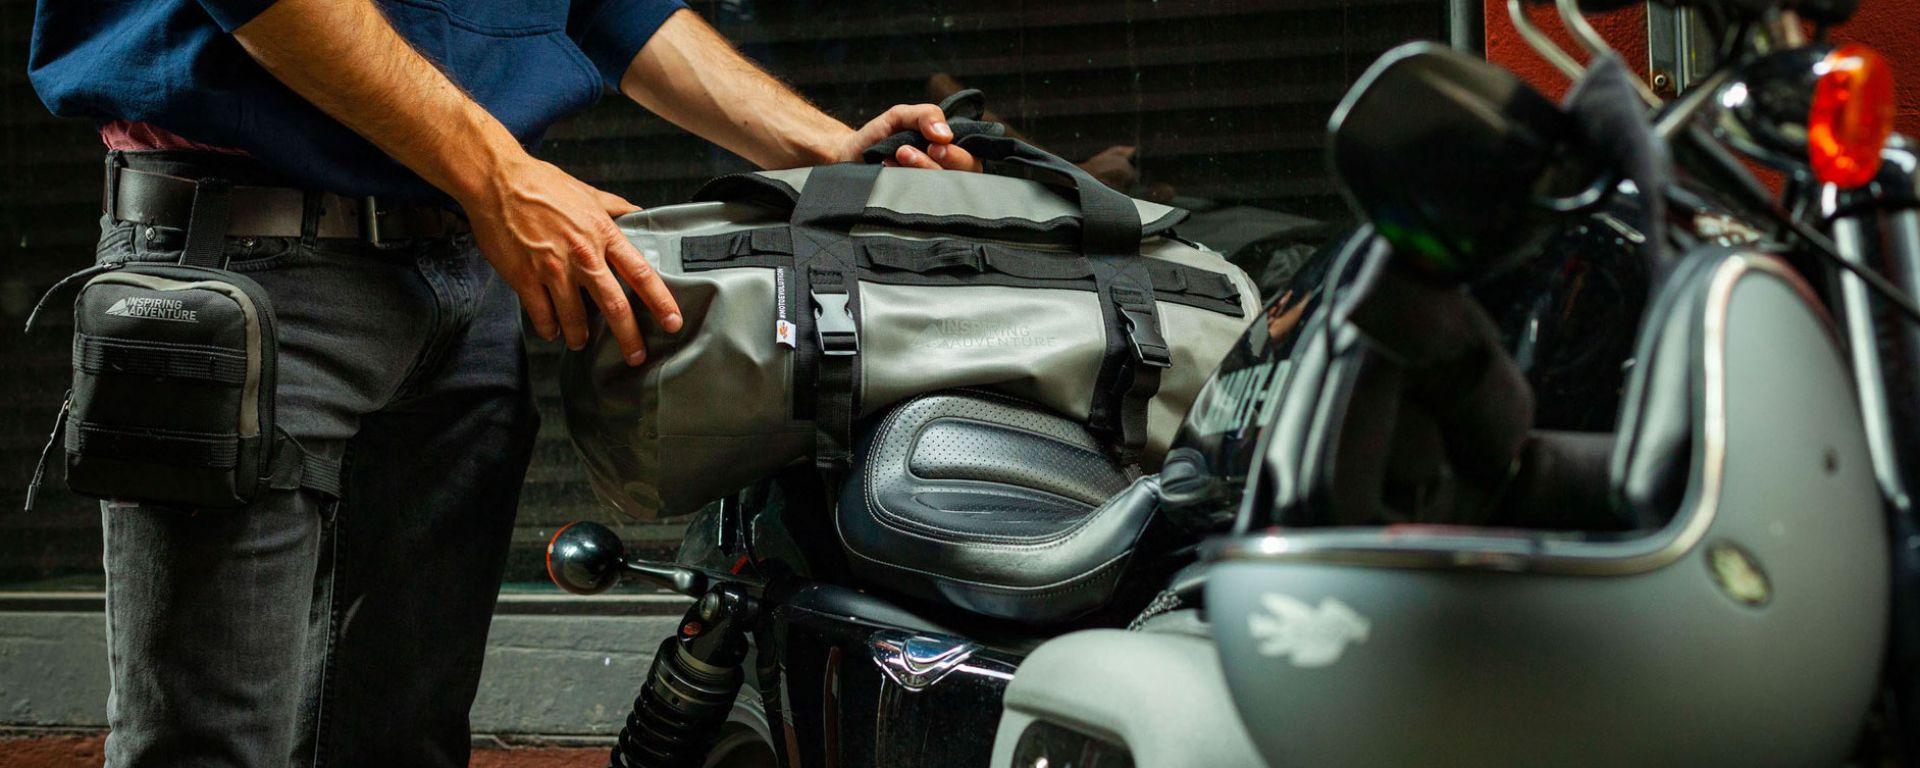 Kappa Raw409, borsone da viaggio per la moto